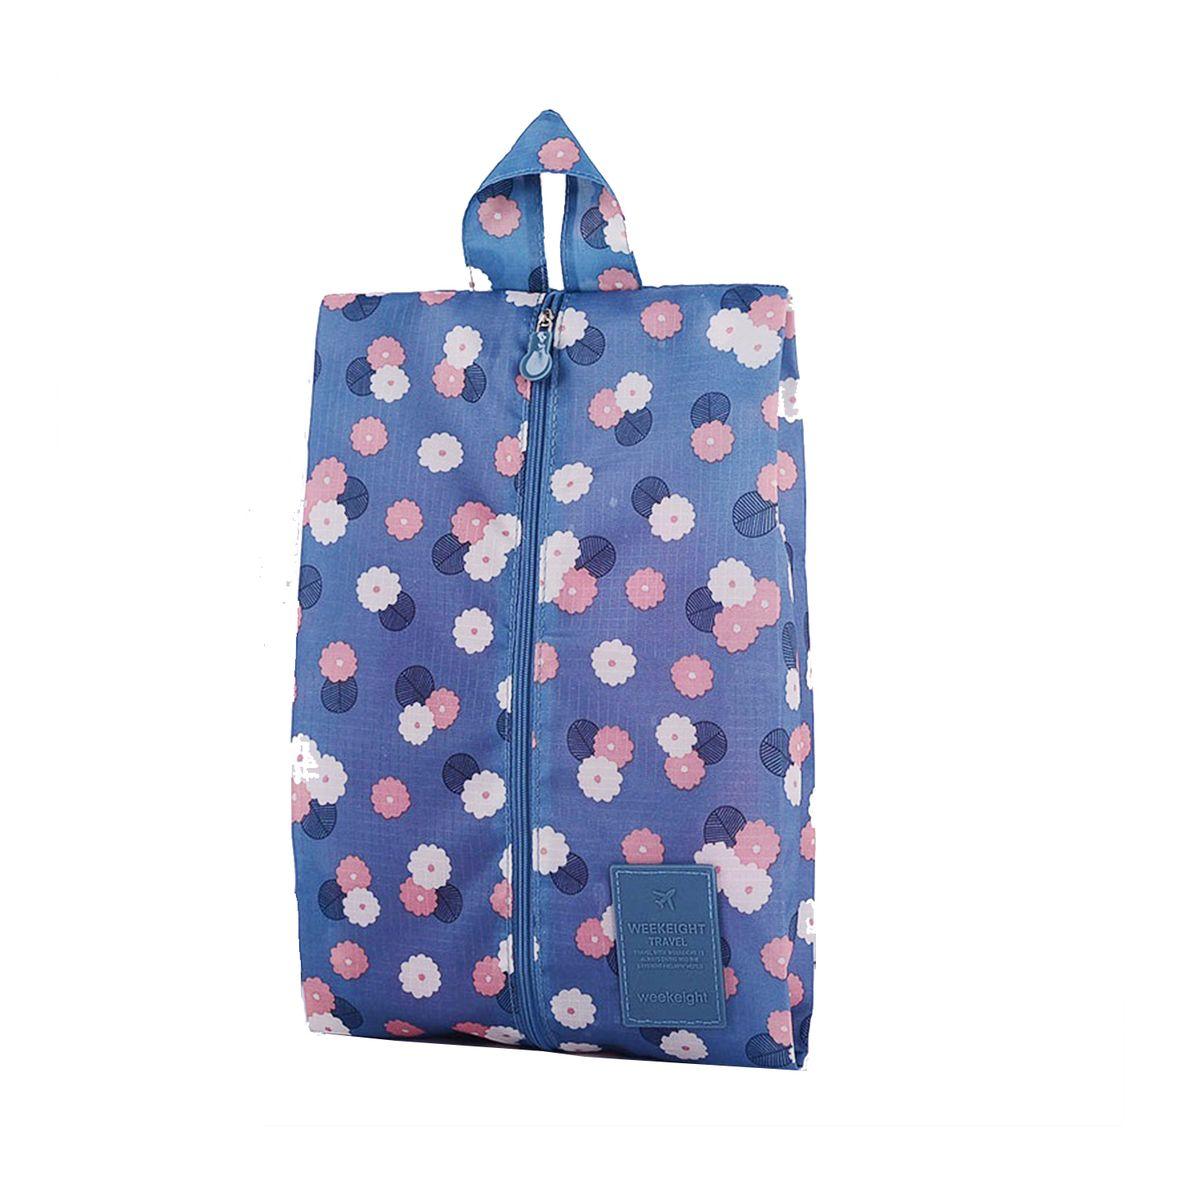 Чехол для обуви Homsu  Цветок , цвет: синий, белый, розовый, 35 x 21 x 9 см - Полезные мелочи